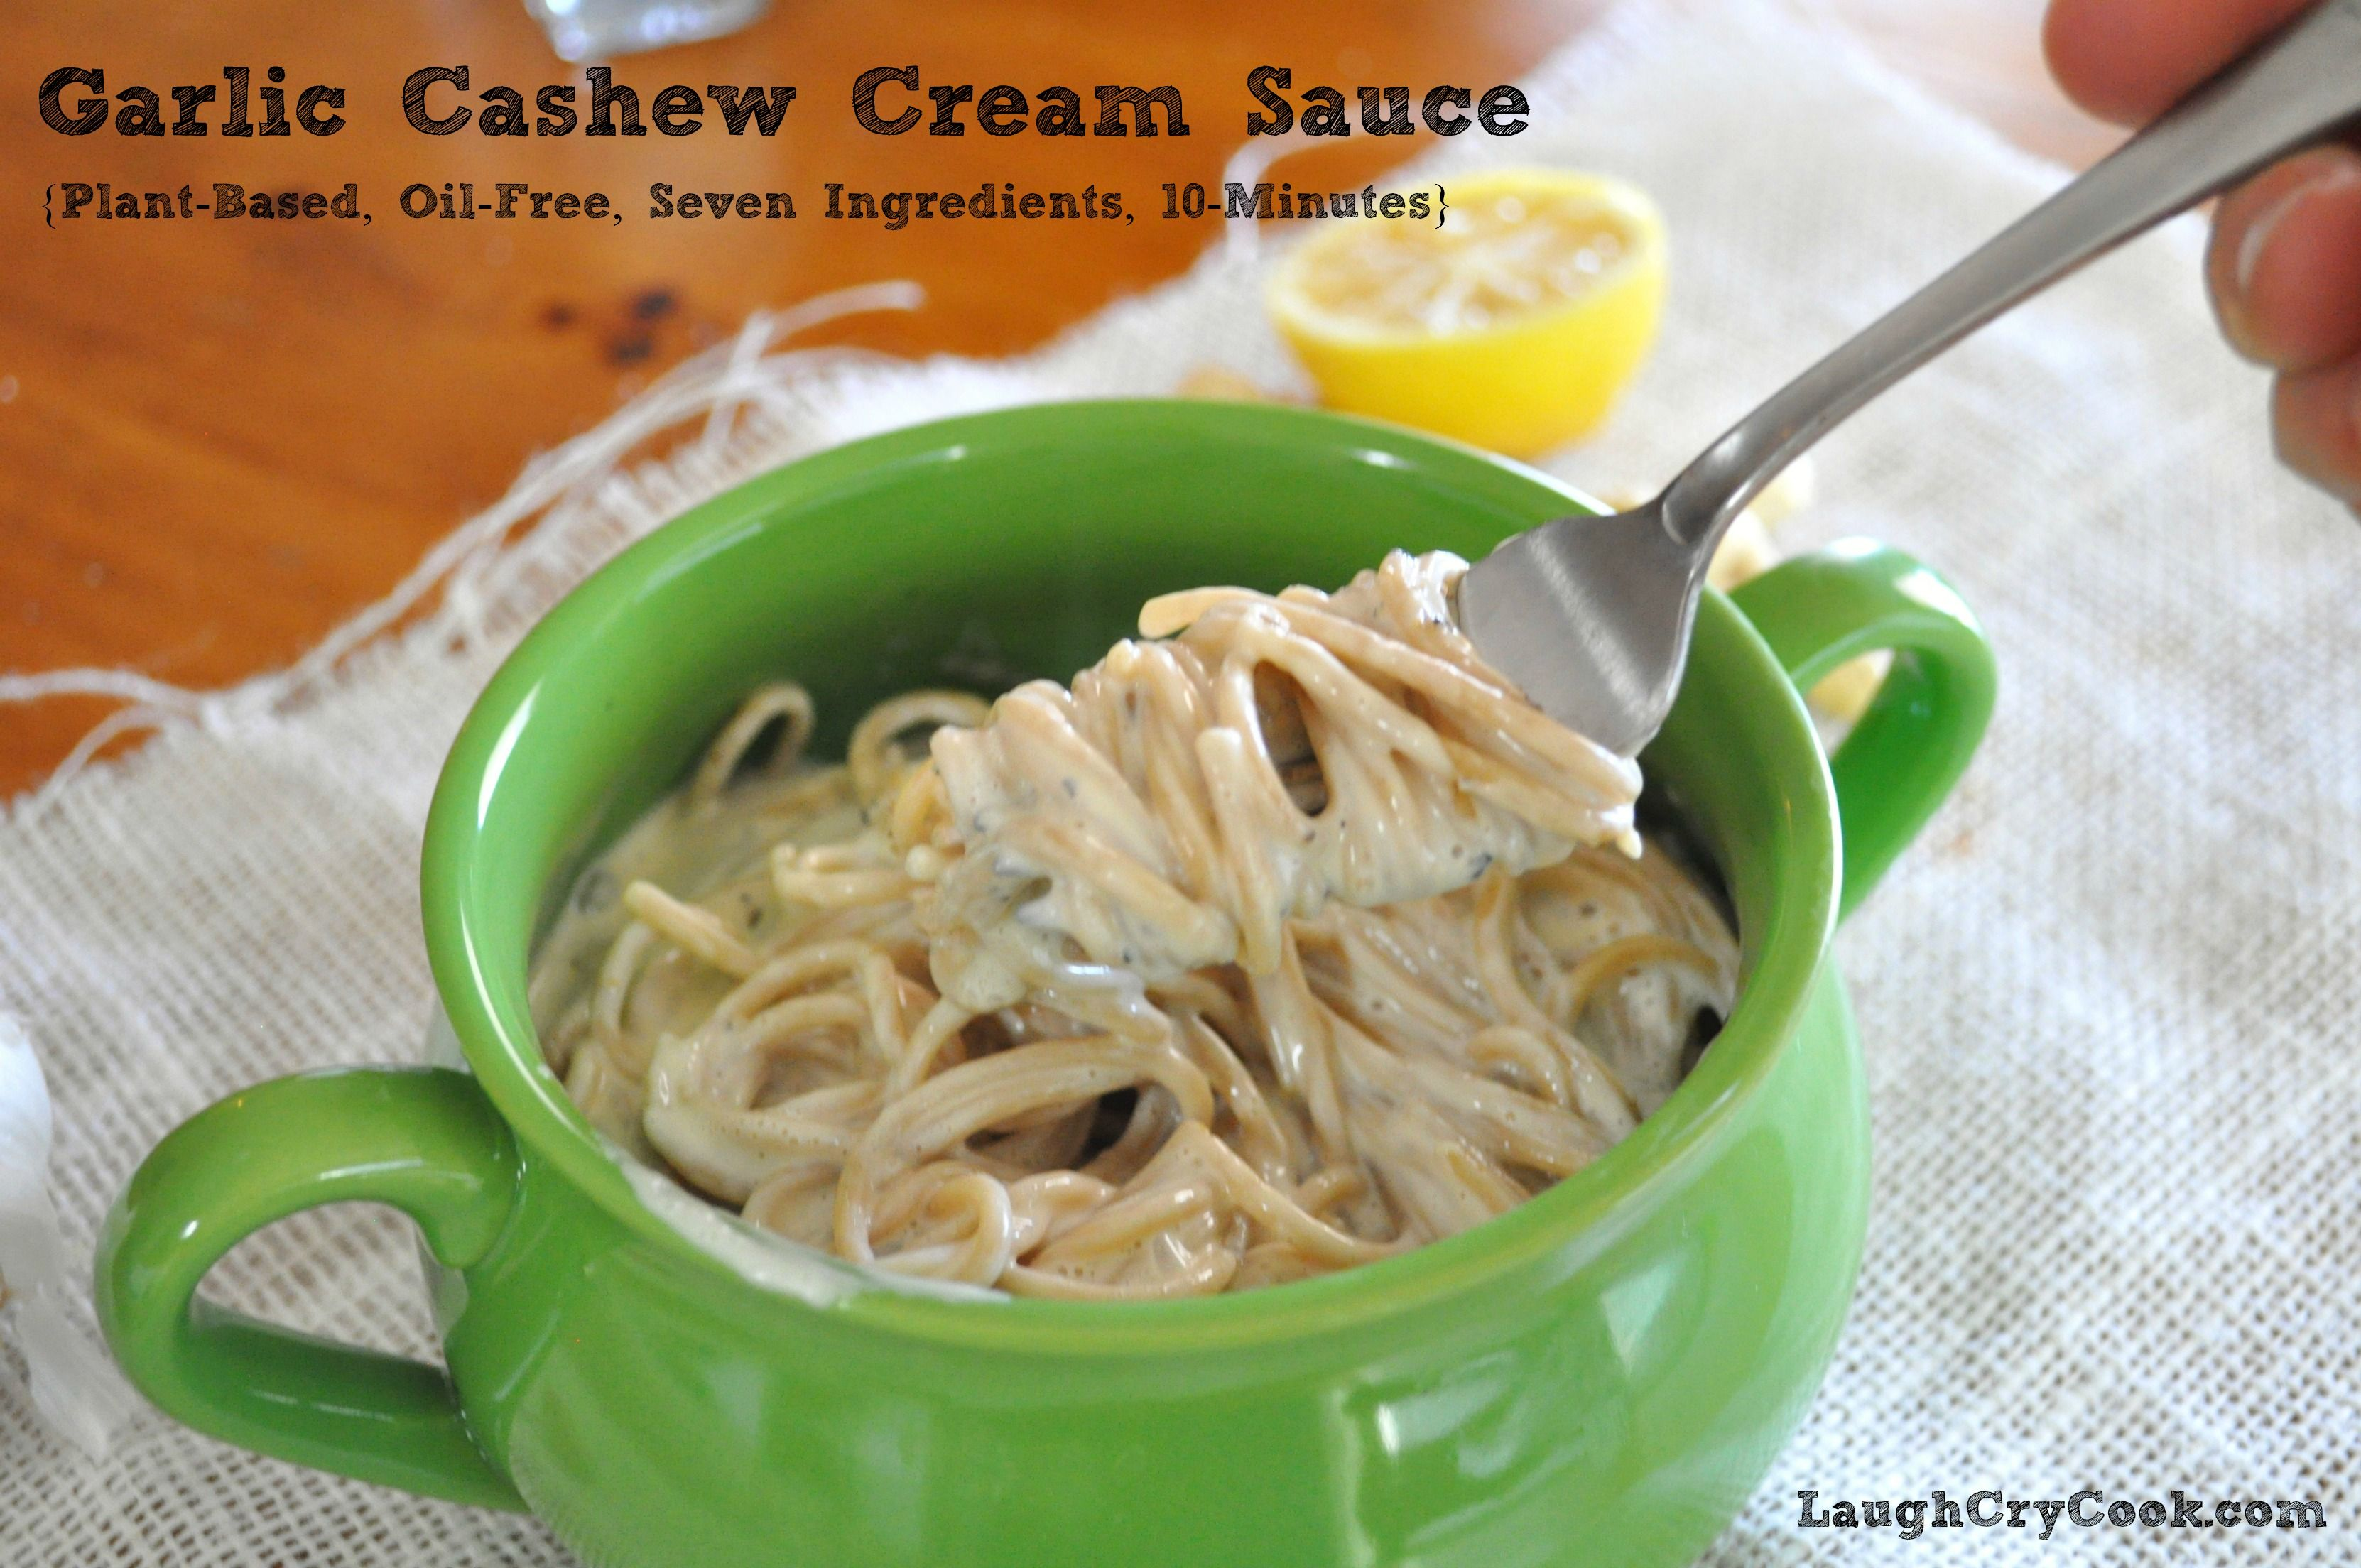 Garlic Cashew Cream Sauce Oil Free Vegan Plant Based Cashew Cream Sauce Vegan Recipes Healthy Cashew Cream